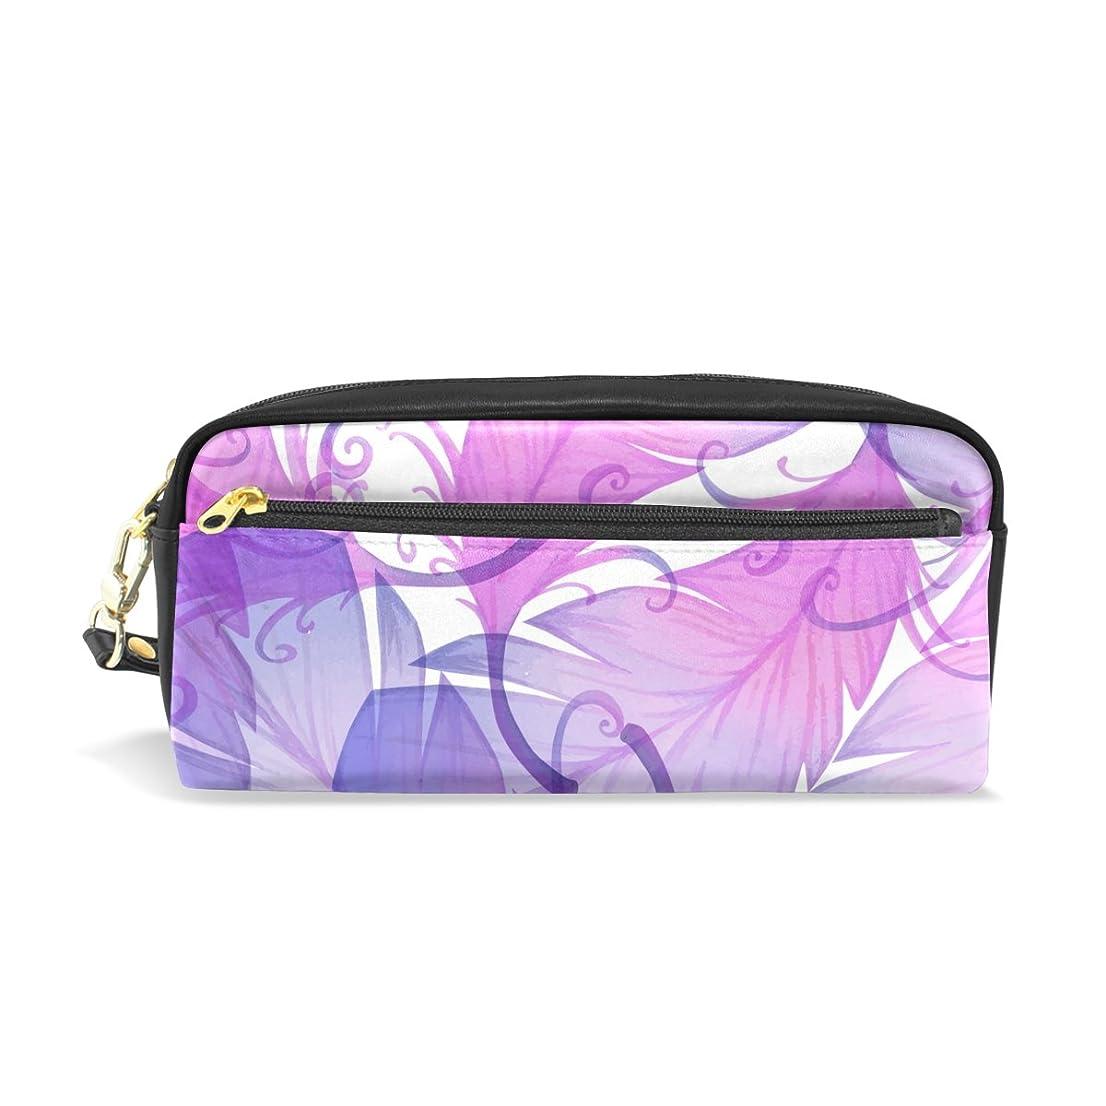 パンたくさん資源AOMOKI ペンケース 化粧ポーチ 小物入り 多機能バッグ レディース 羽 紫